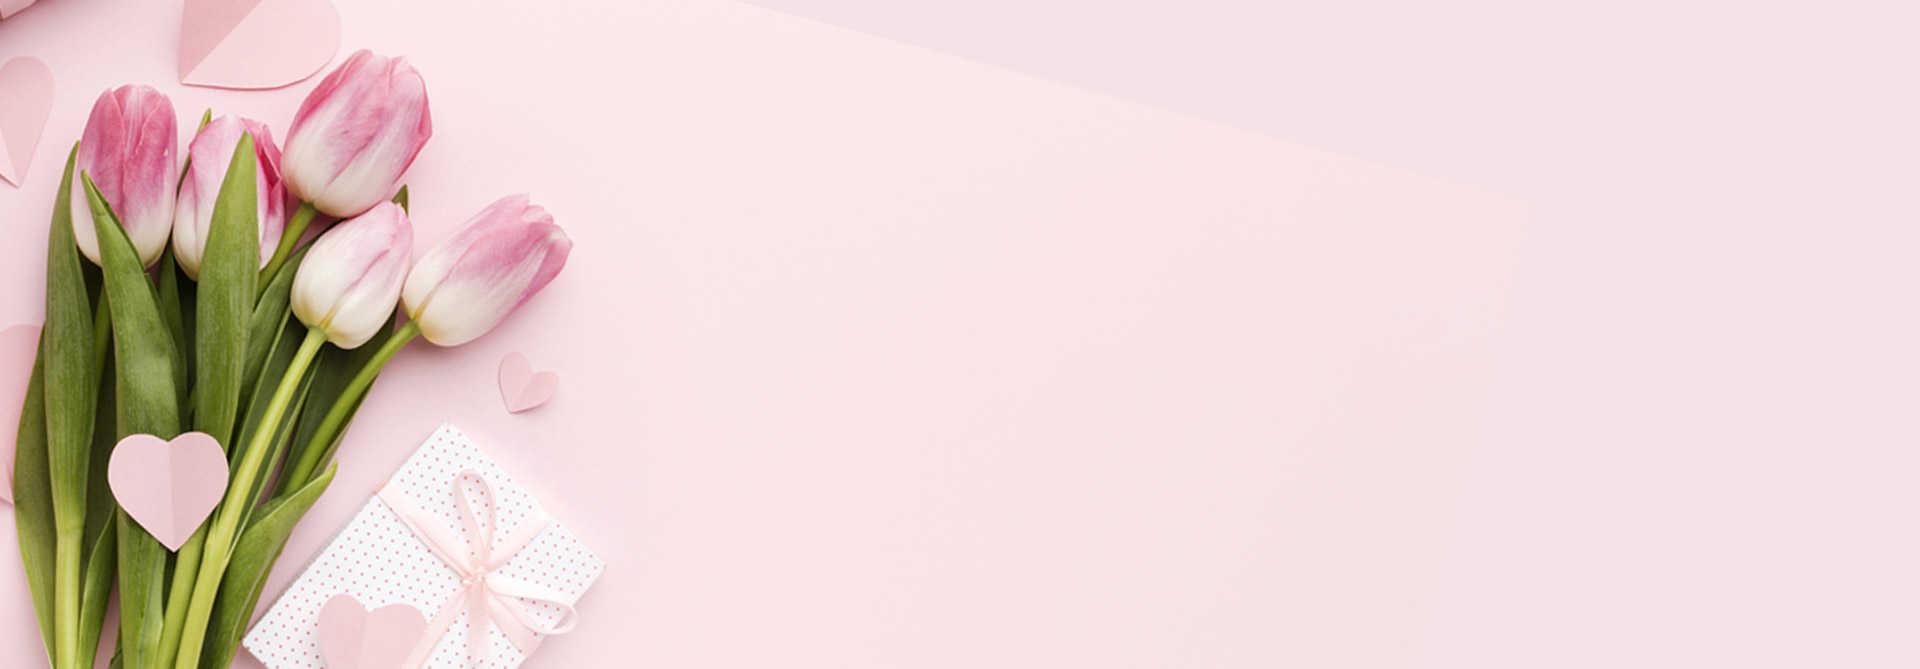 ارسال گل به  شهرکرد | سفارش گل در  شهرکرد | گل فروشی ارزان | گلفروشی  شهرکرد | Shahrekord flower